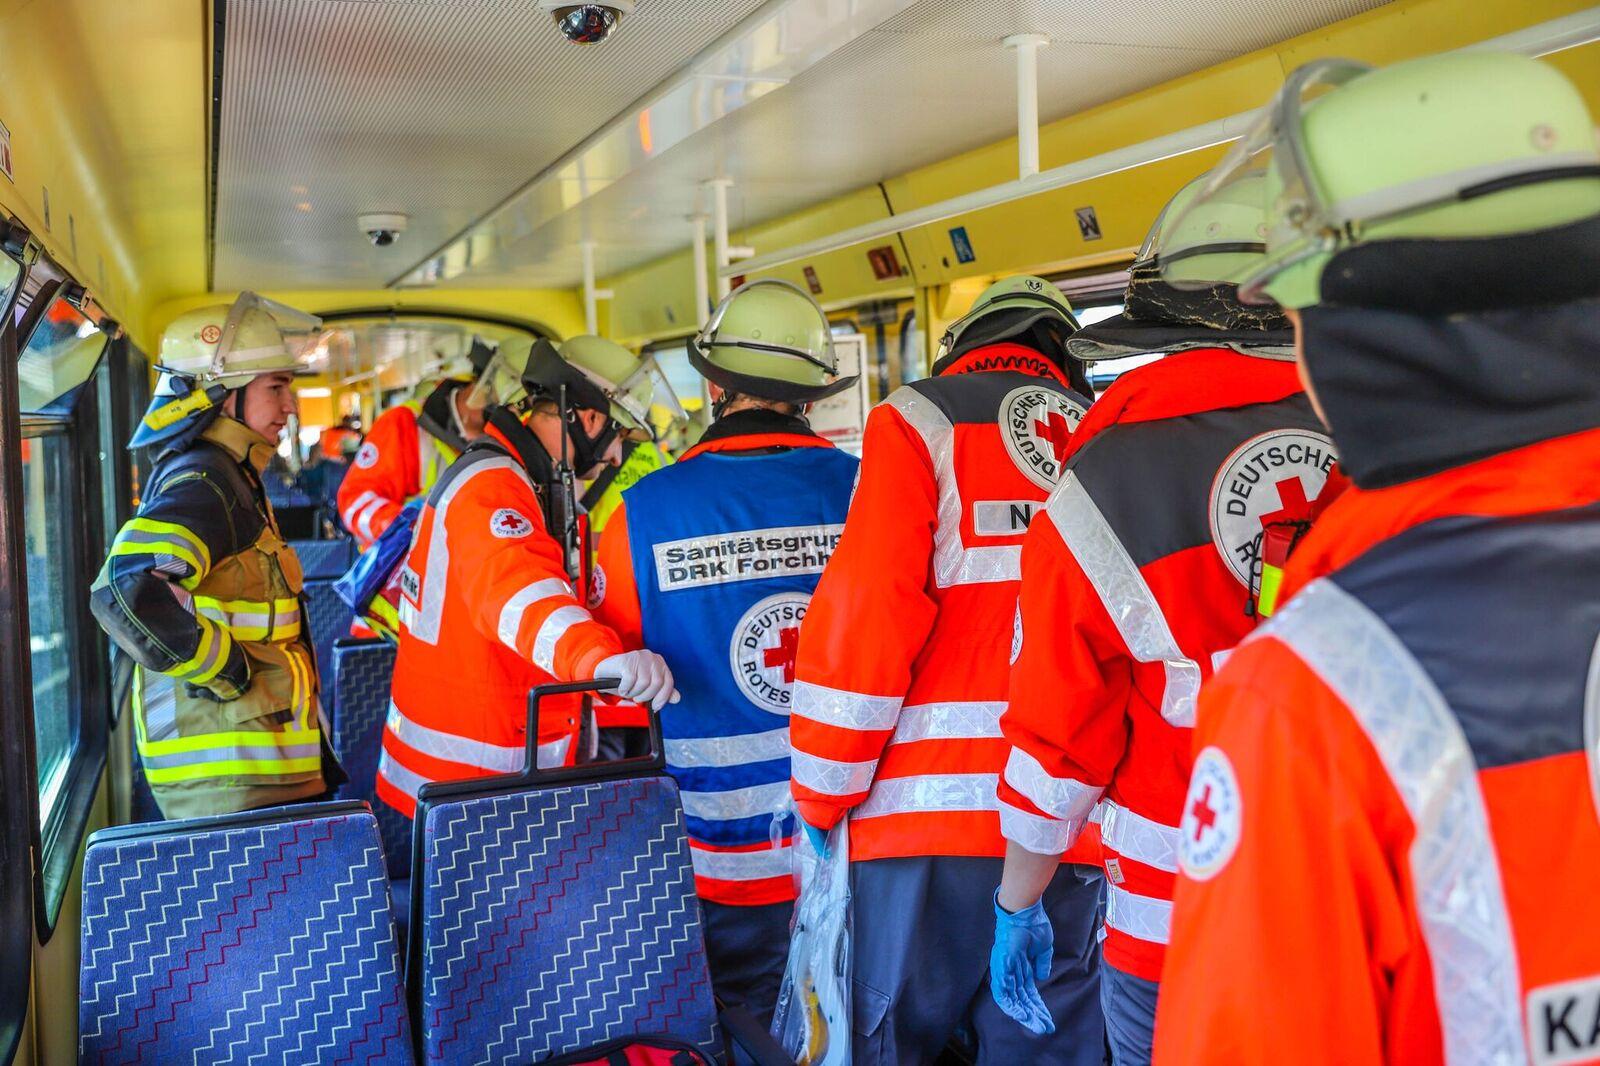 Fahrgäste verletzt! Unbekannte Flüssigkeit auf Sitzbänke in Karlsruher S-Bahnen verteilt